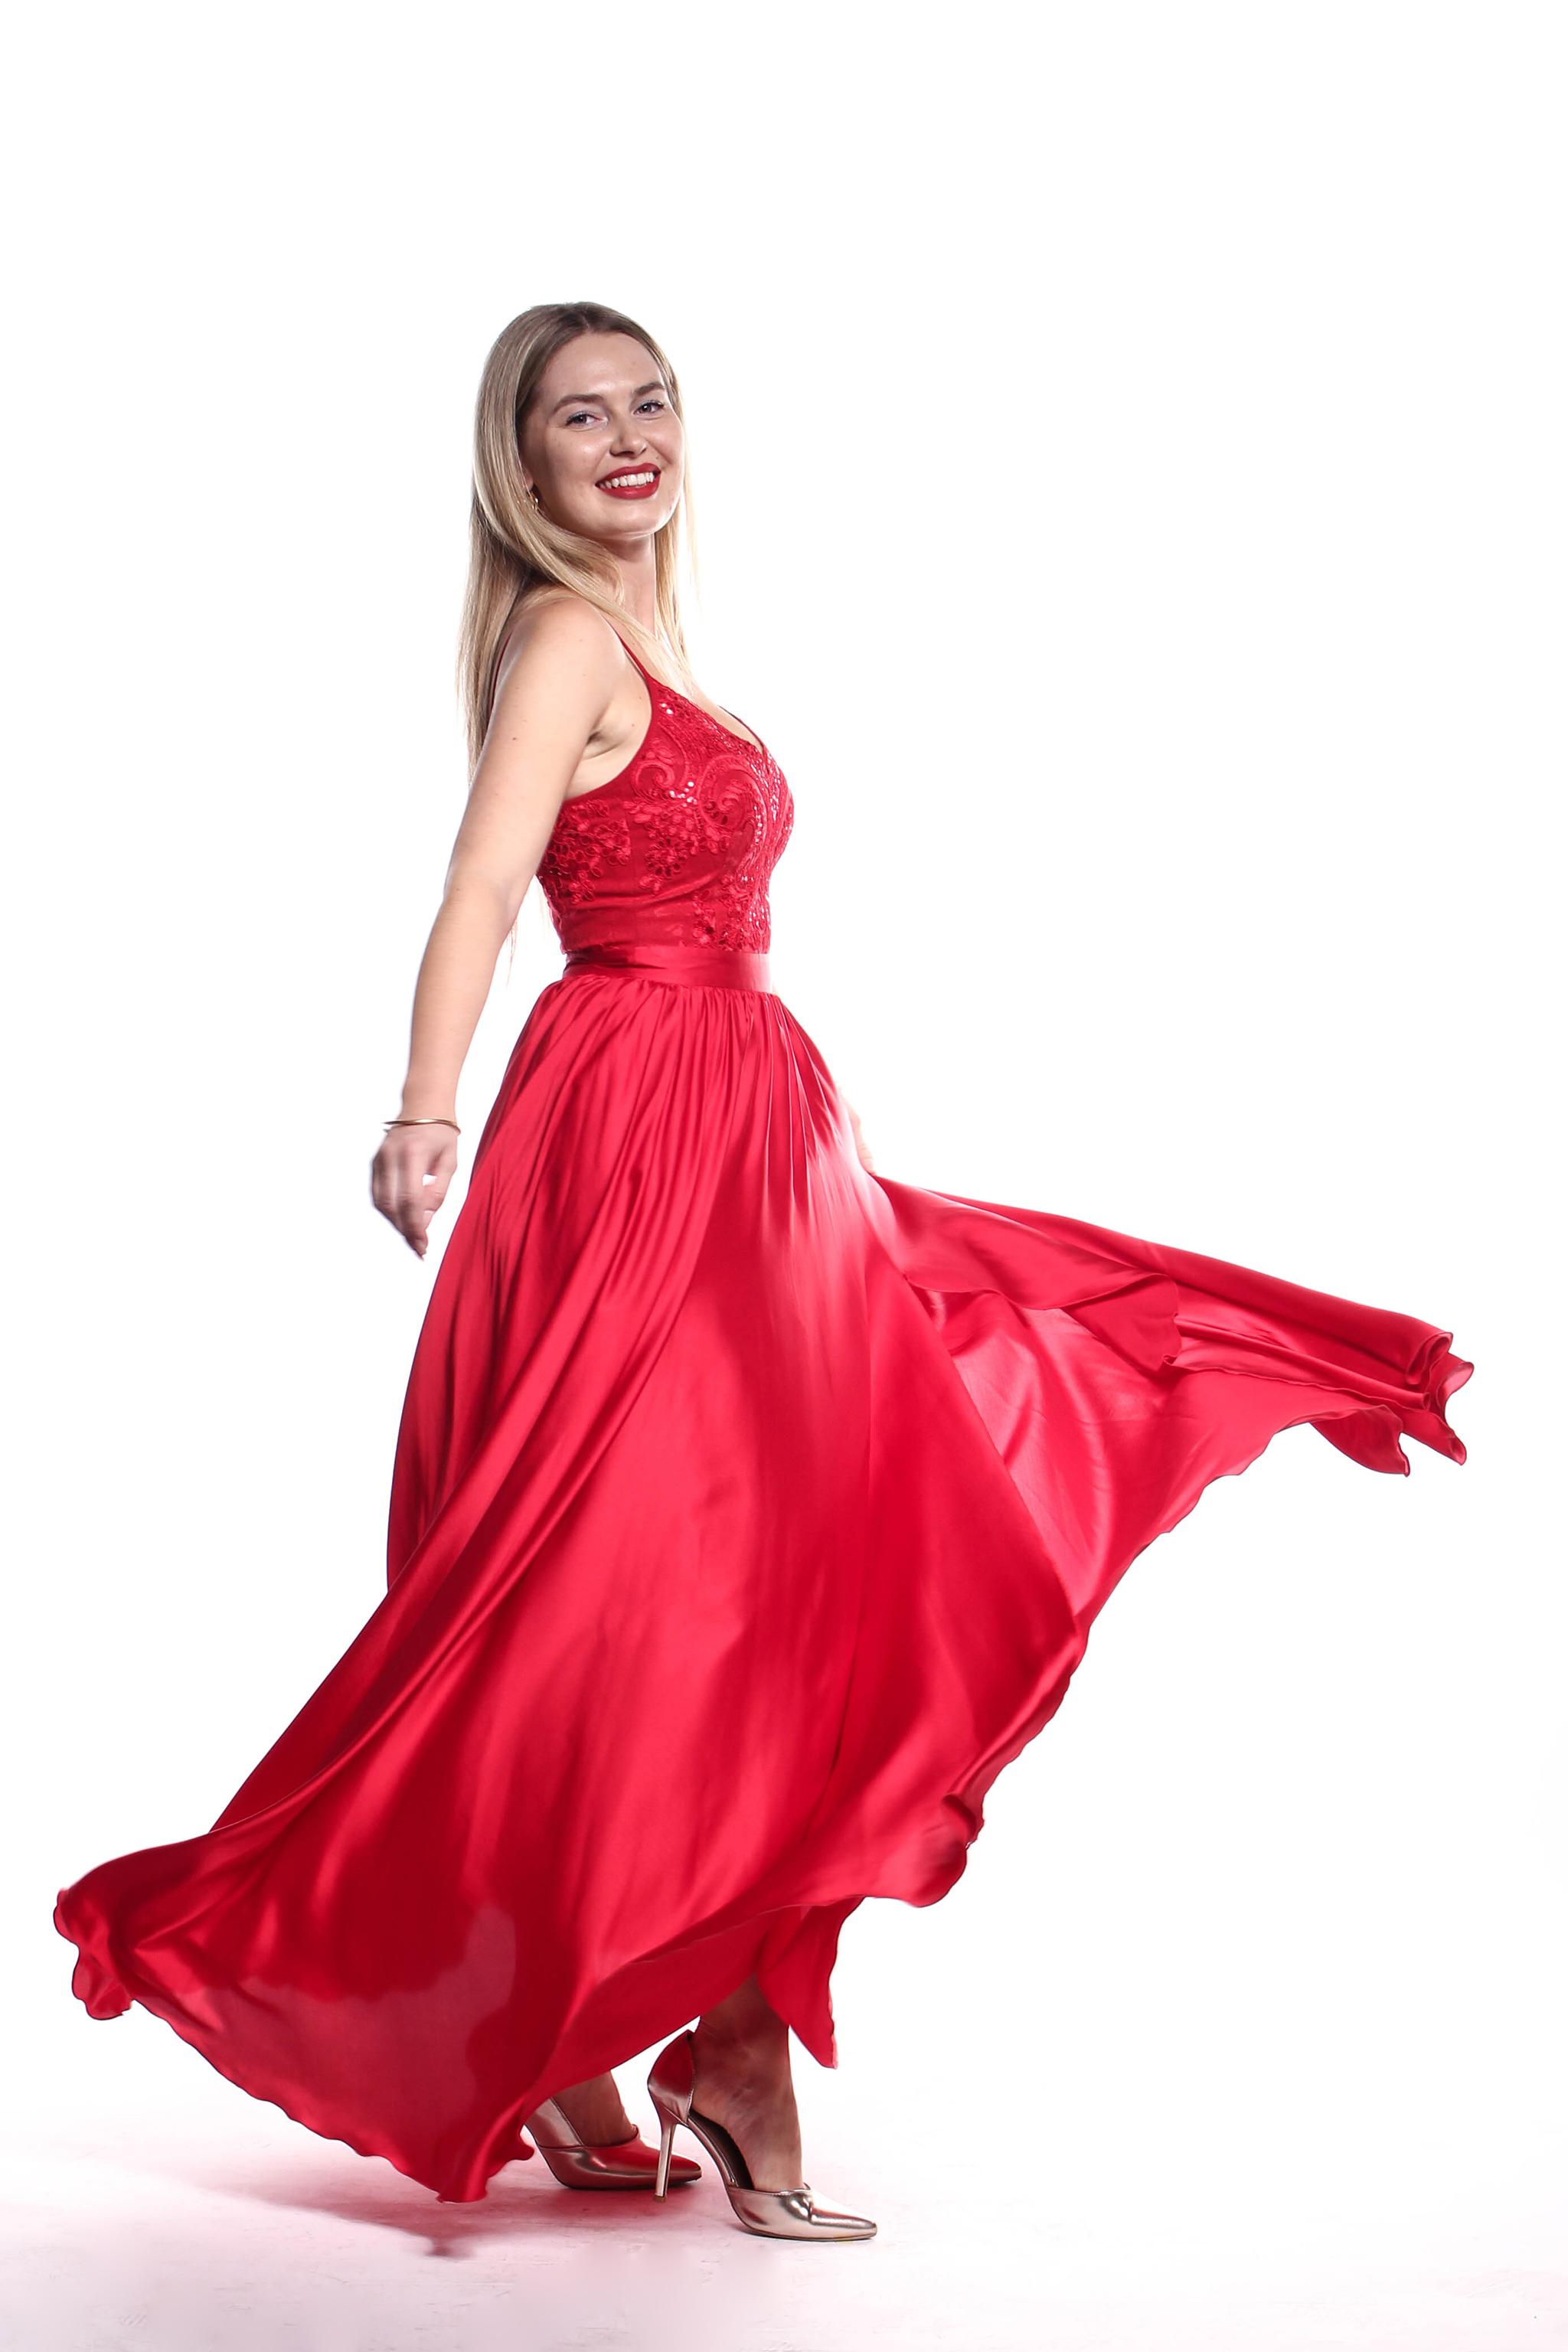 Obrázok 6 Červené plesové šaty 88eb9b3179b